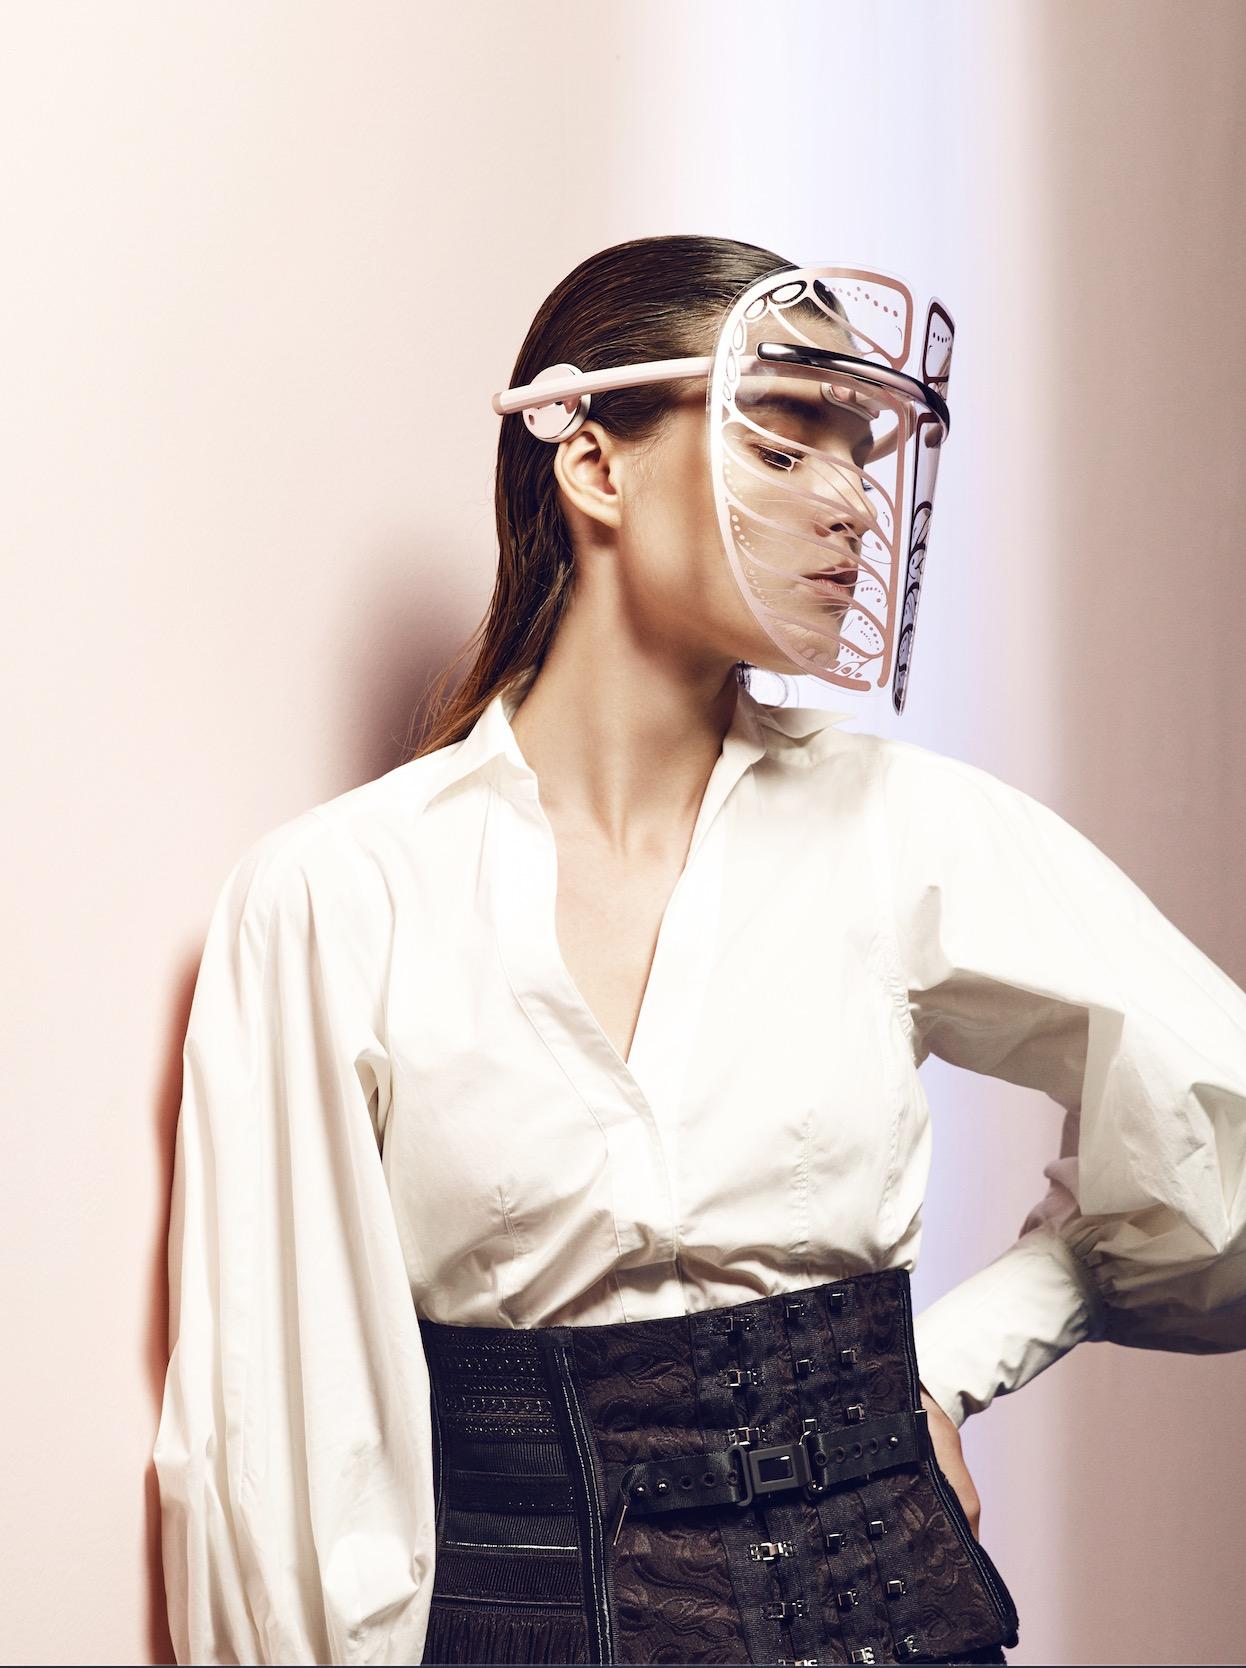 графеновая маска для лица, инфракрасная терапия